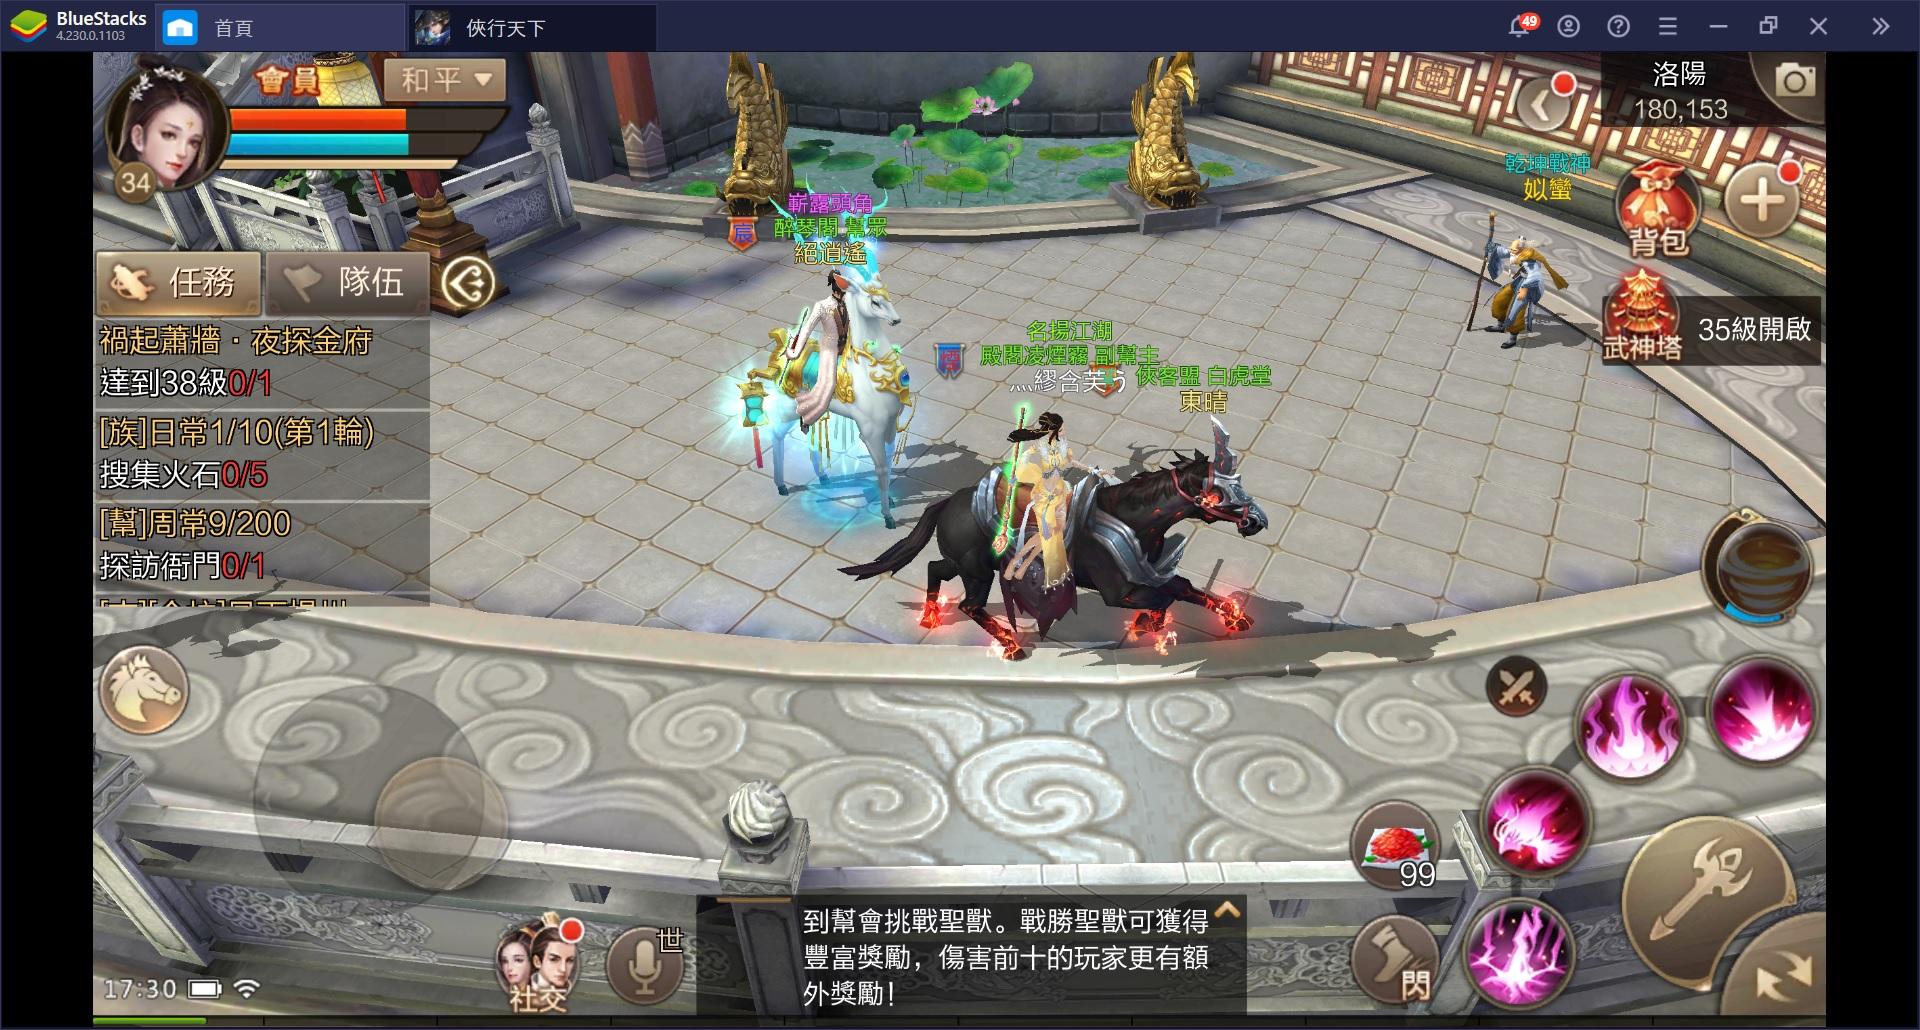 使用BlueStacks在PC上體驗匠心打造的曠世武俠MMORPG手機遊戲《俠行天下》